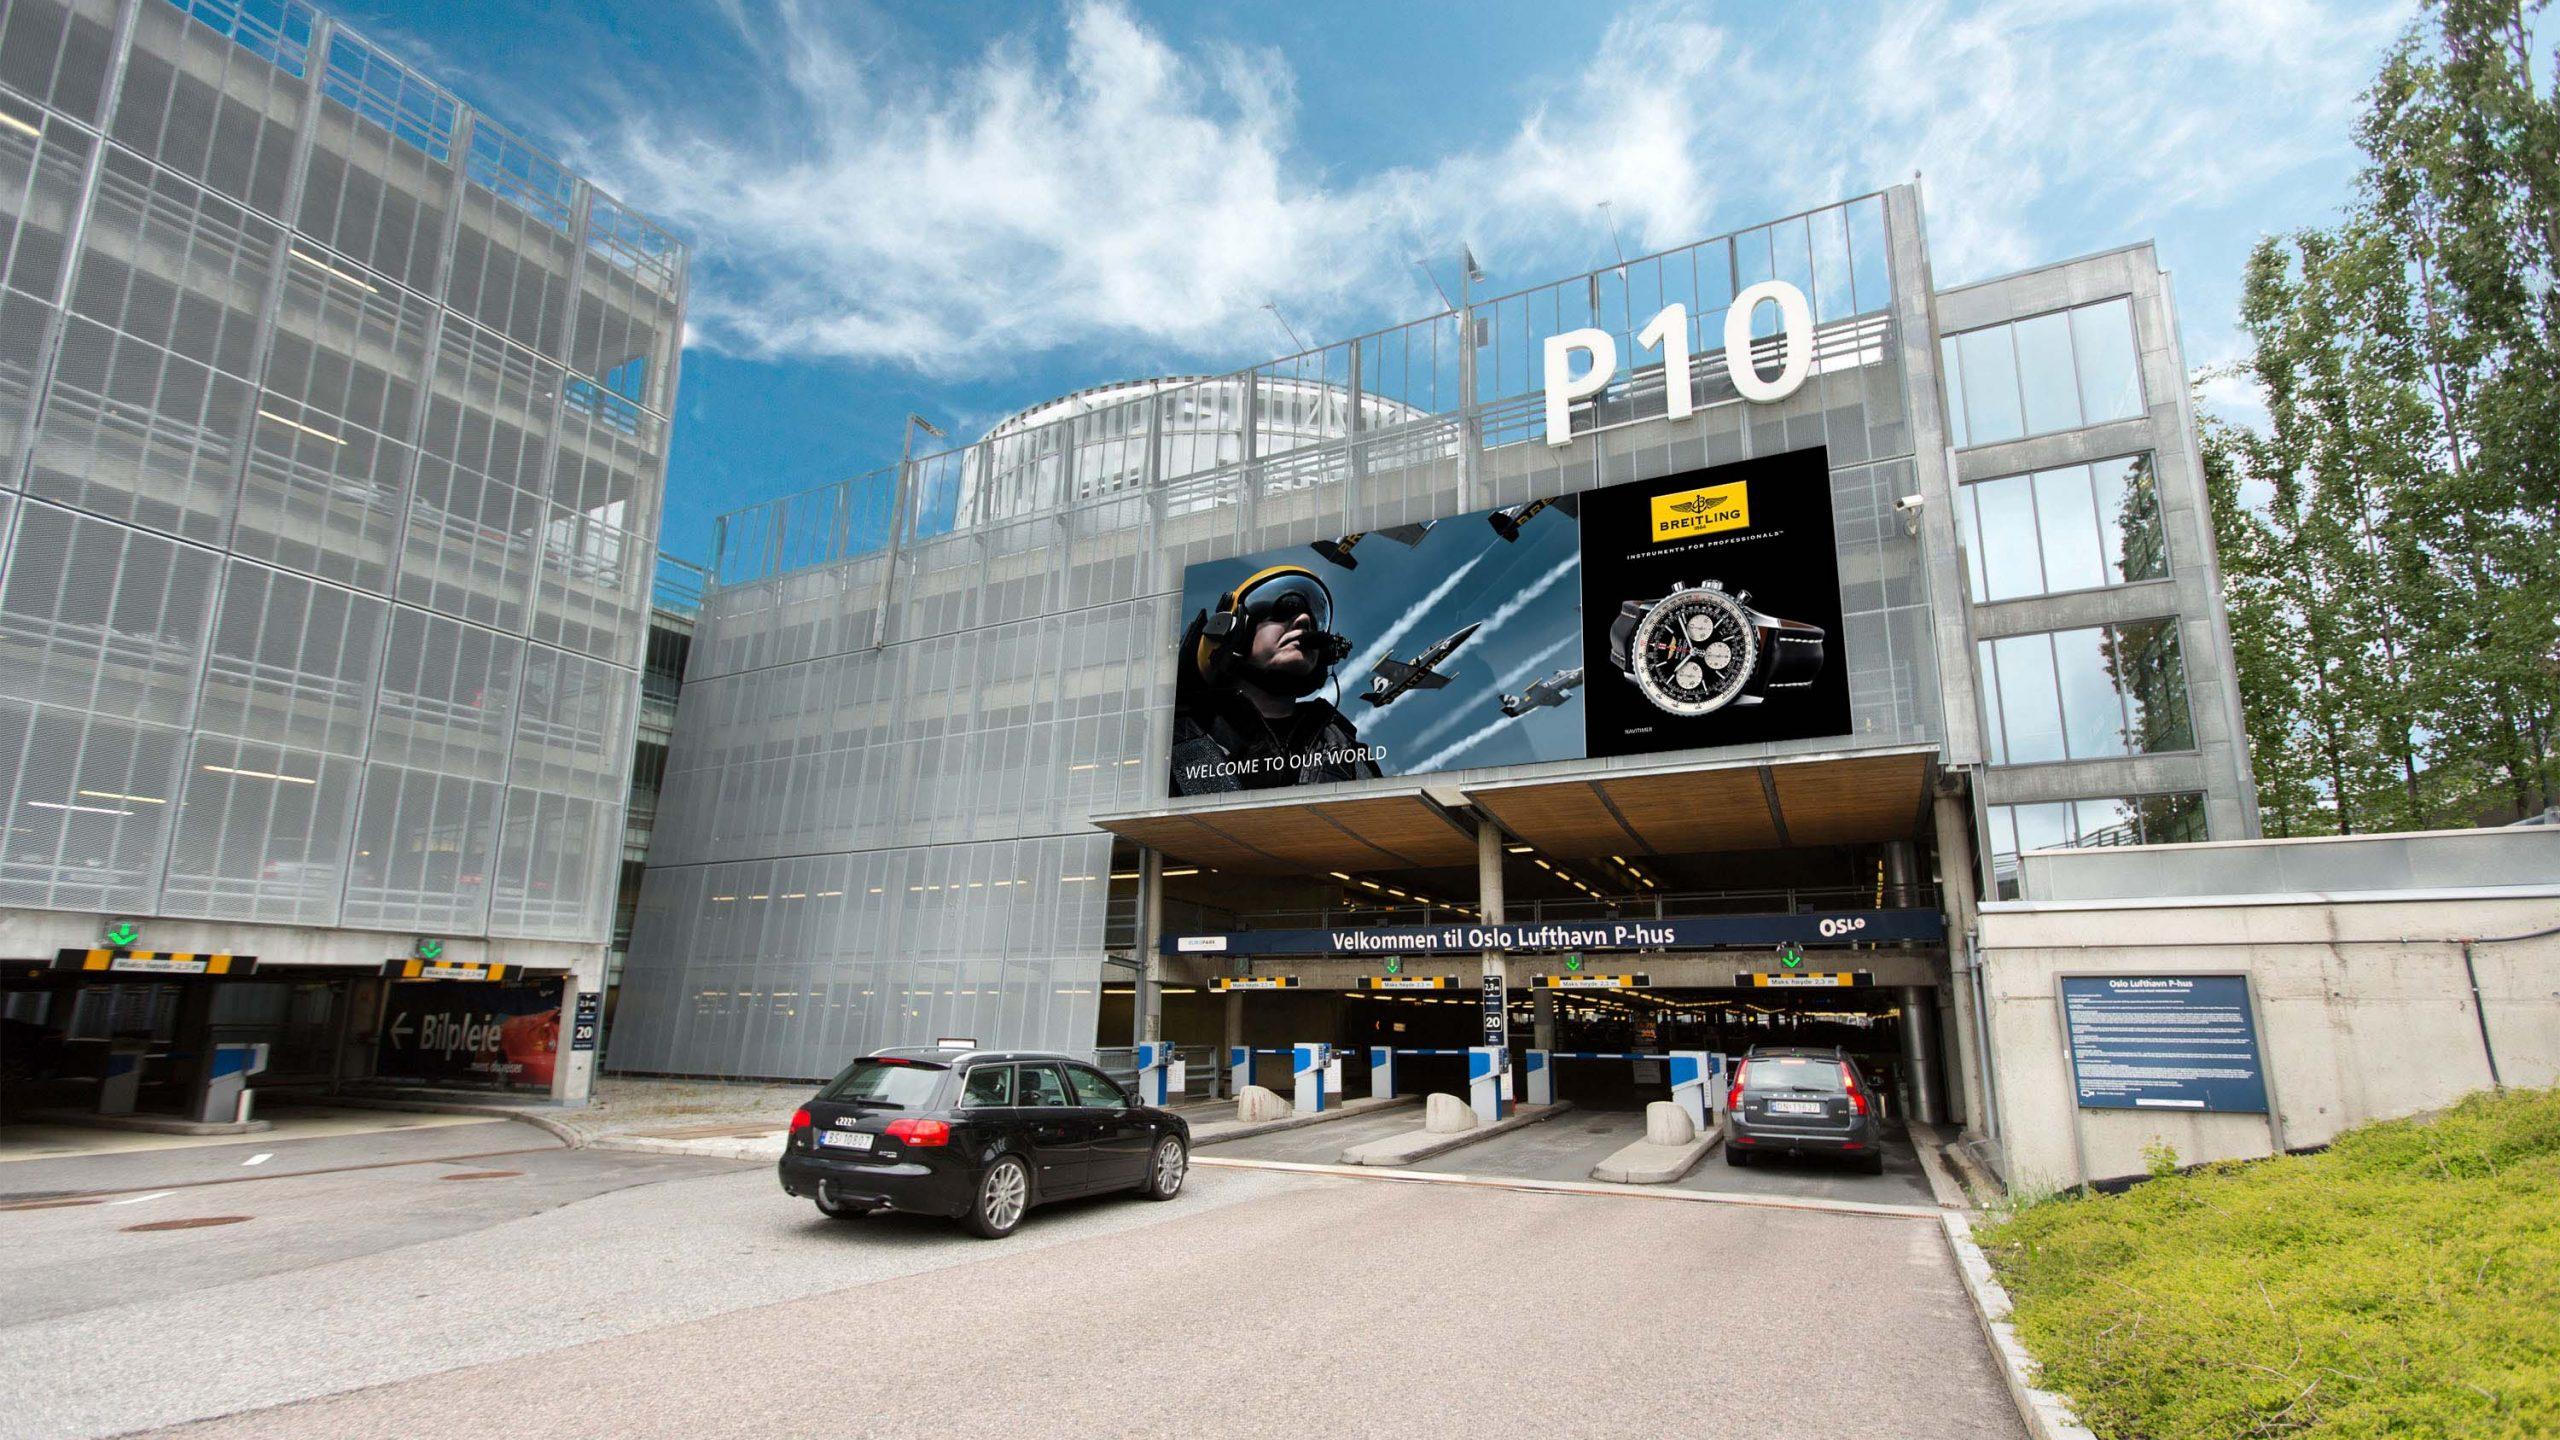 mega-banner-carpark-p10.jpg